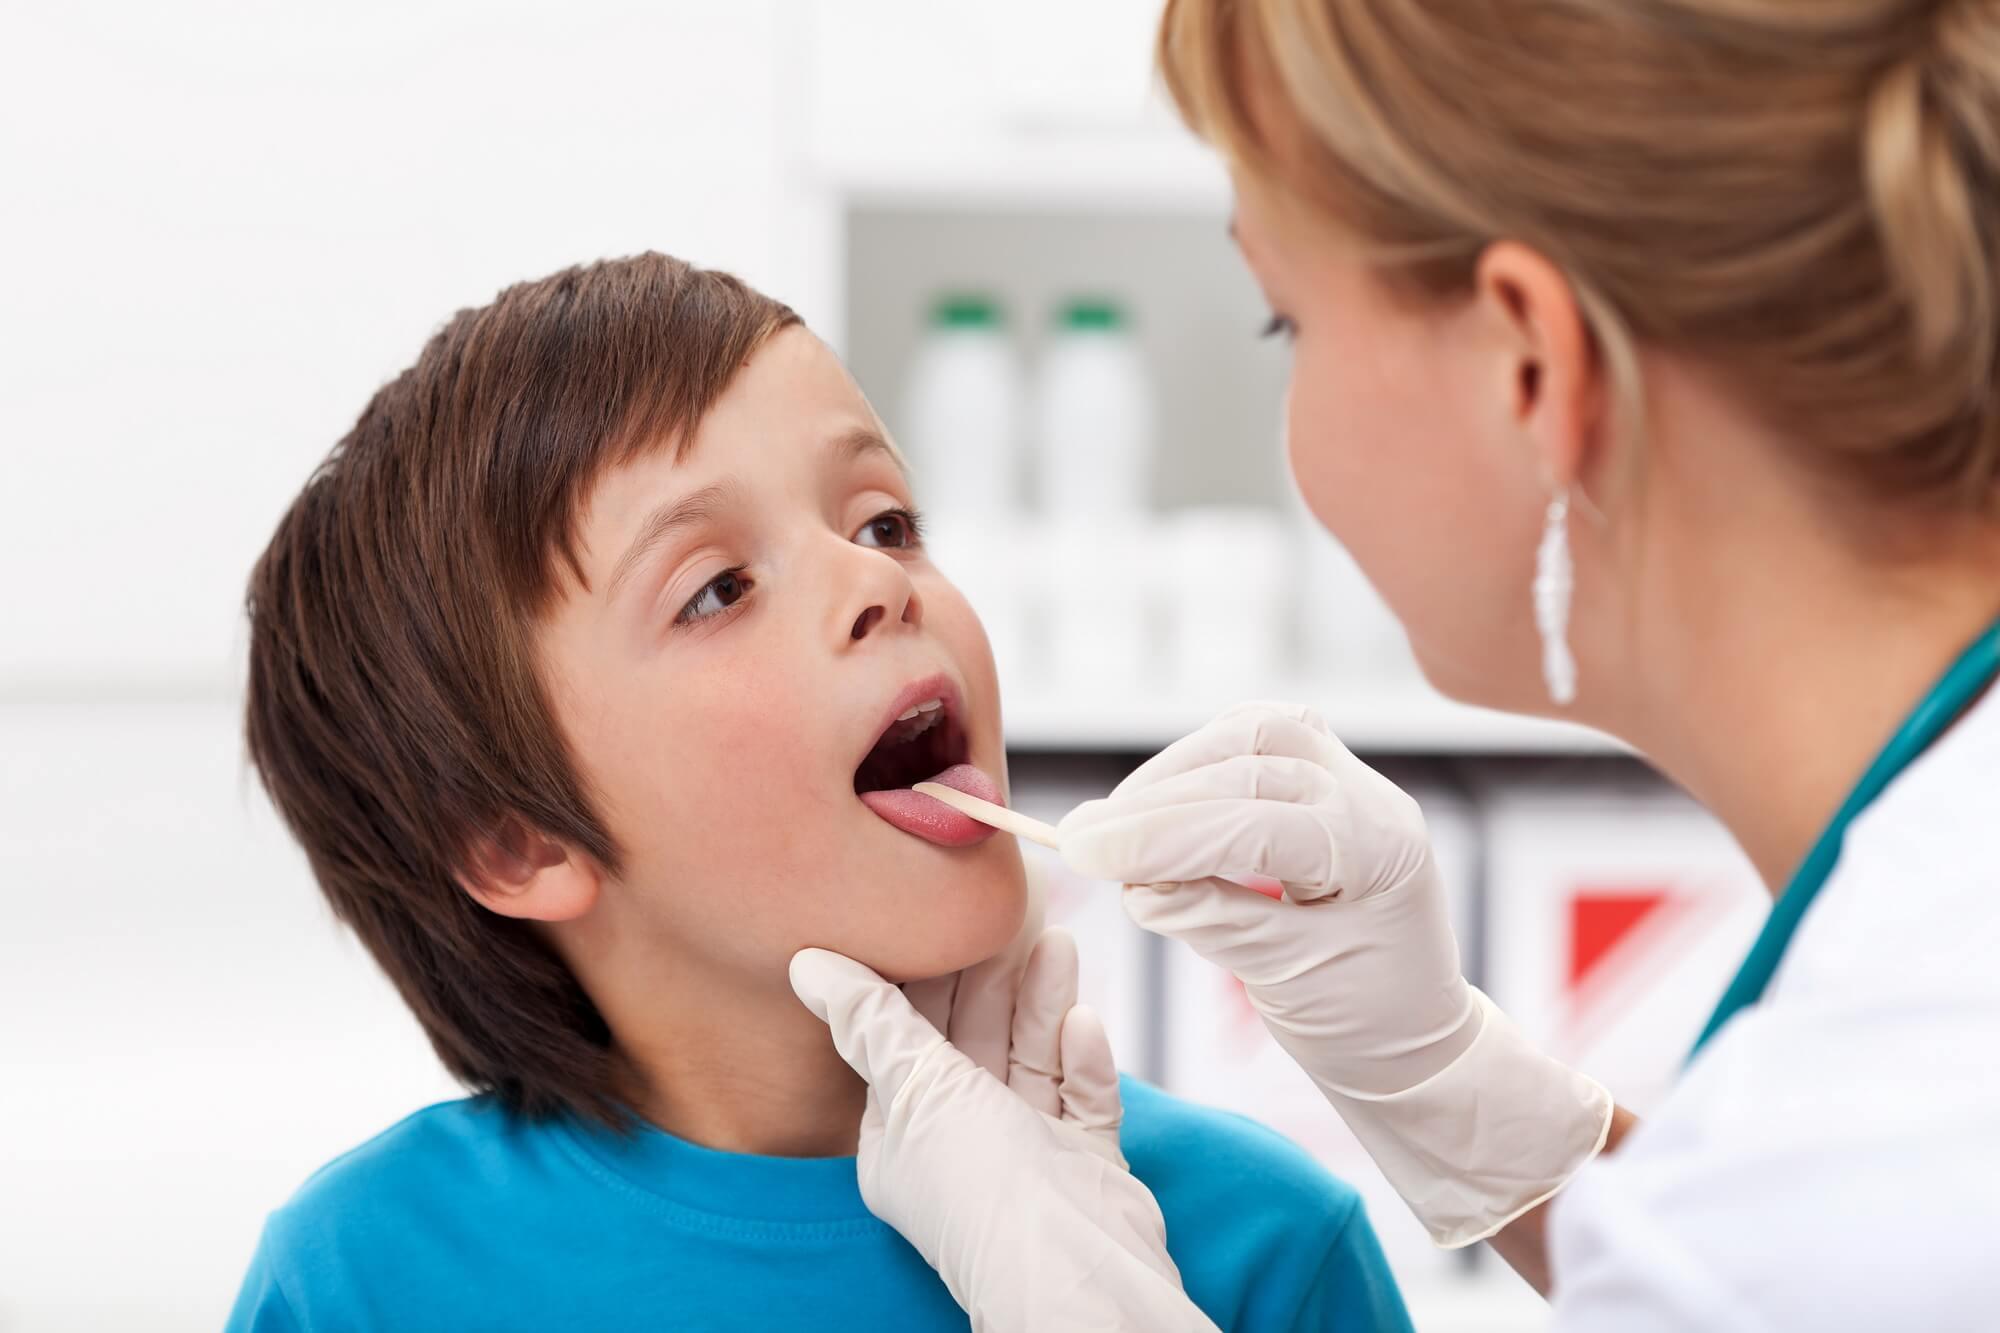 Причины возникновения рыхлых миндалин у ребенка и способы лечения